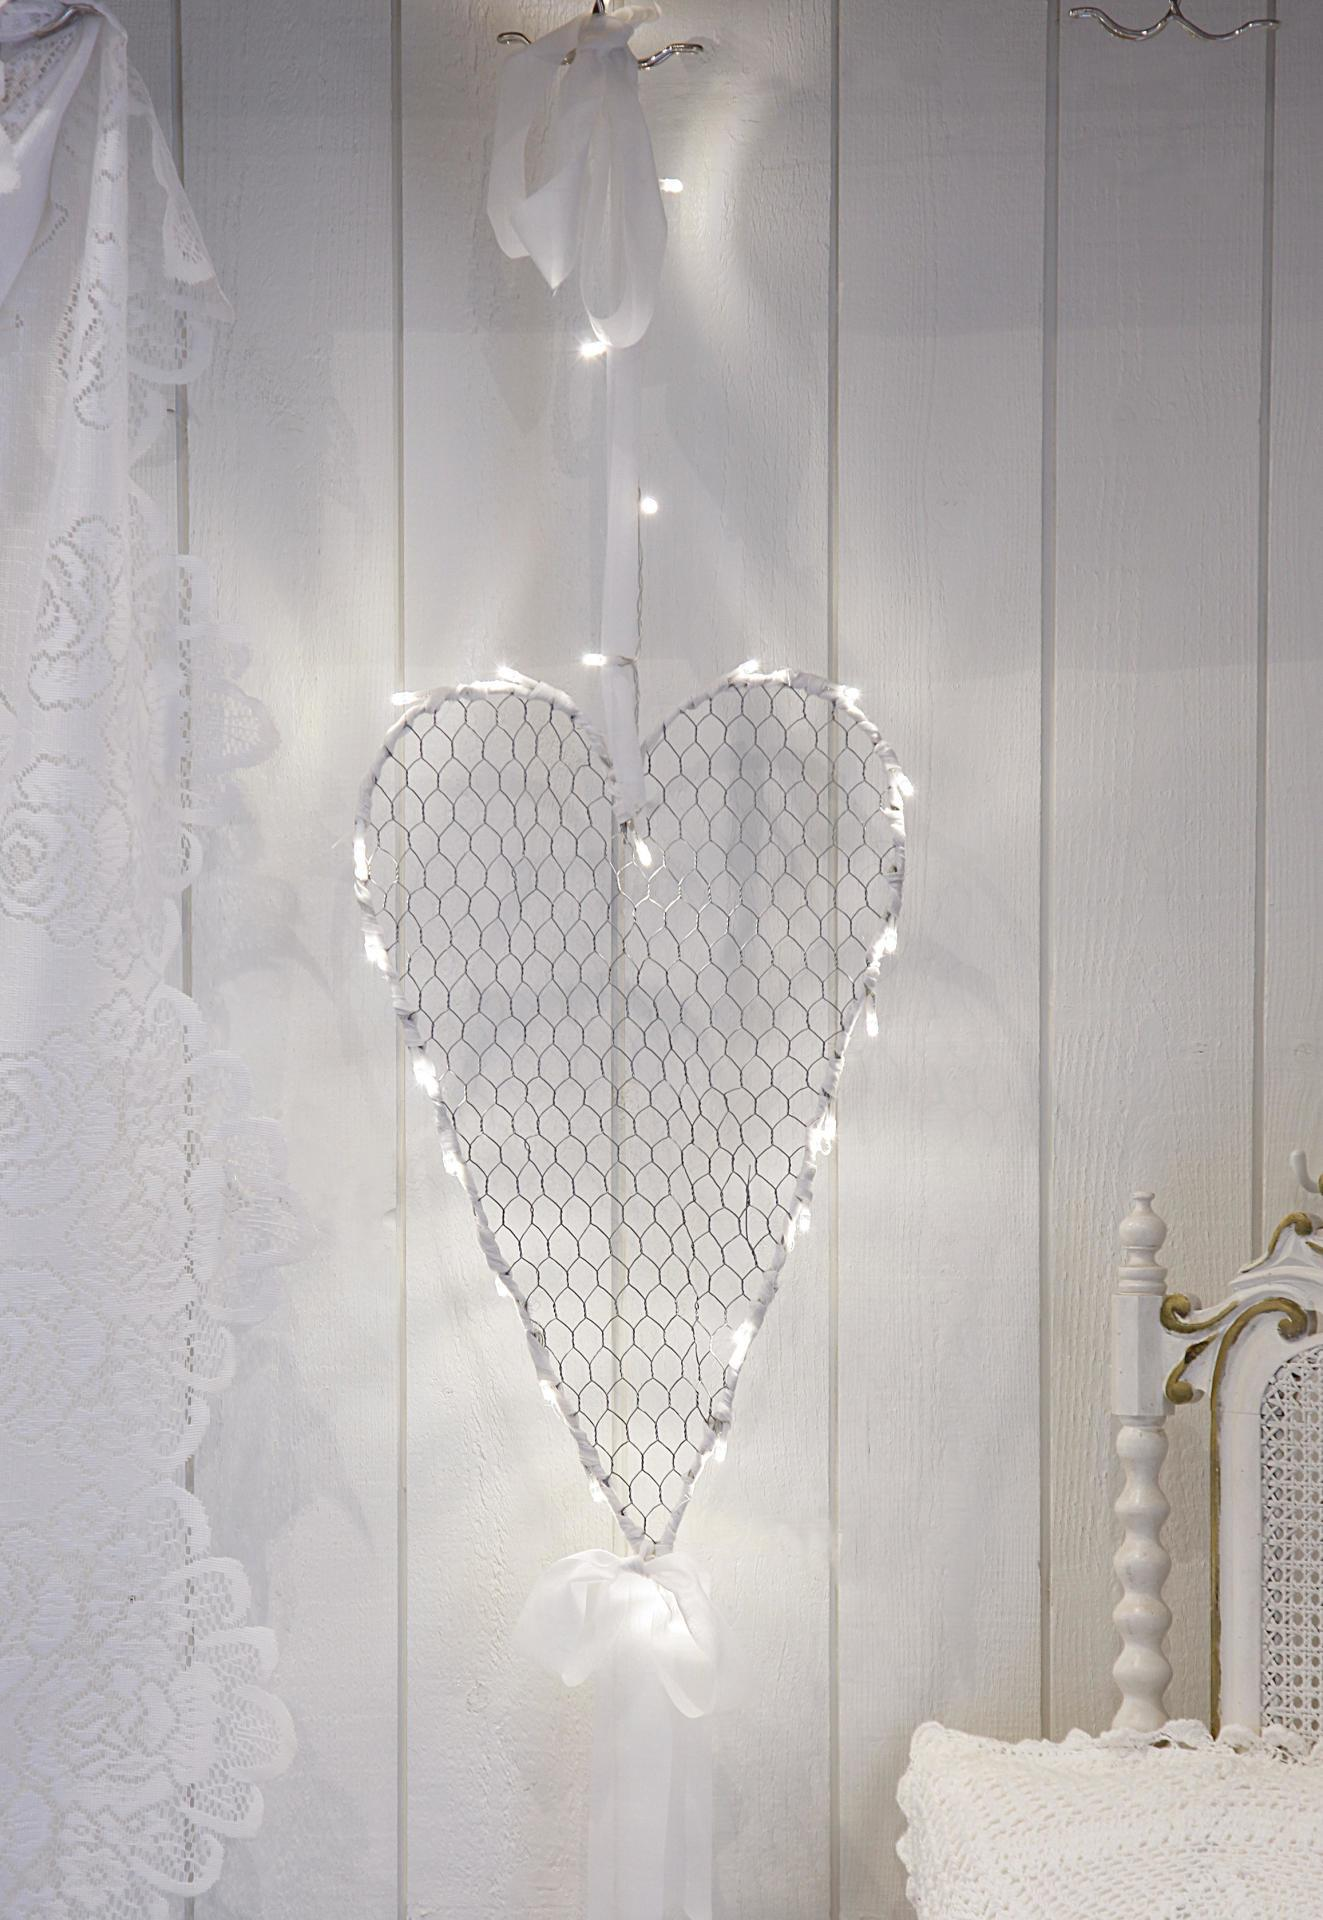 STAR TRADING Závěsné svítící srdce Hjärta, bílá barva, kov